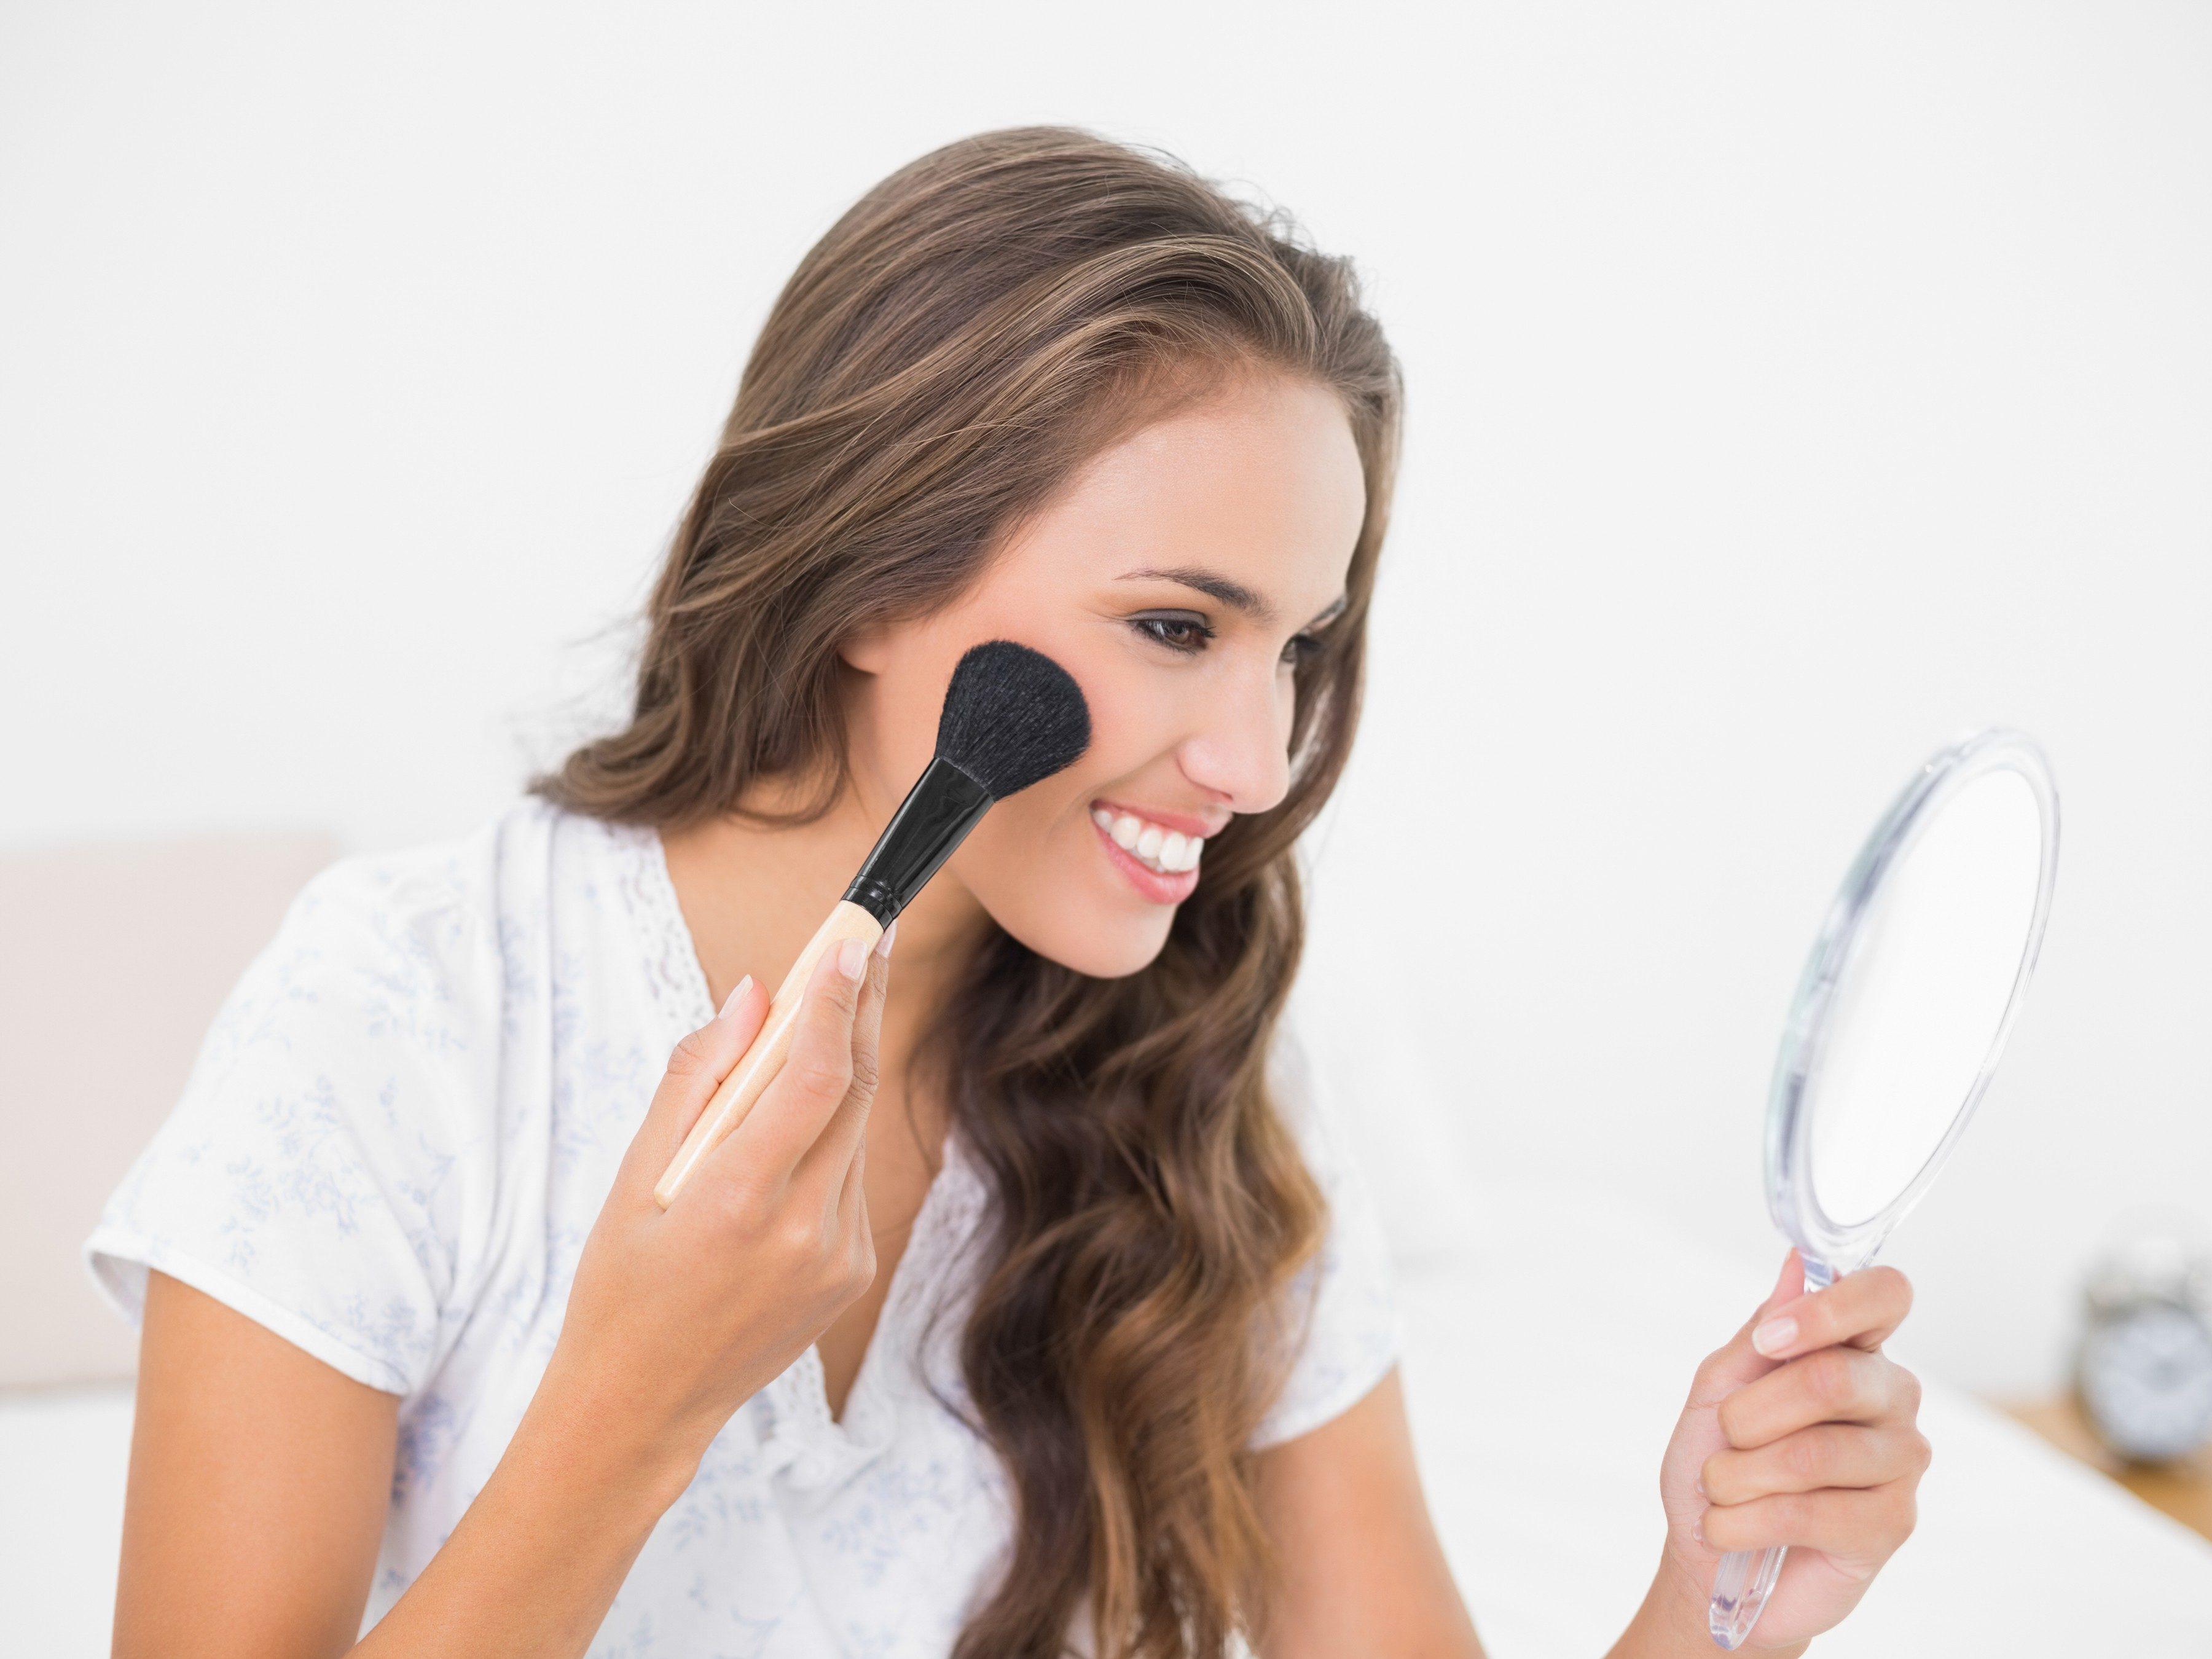 8. Makeup